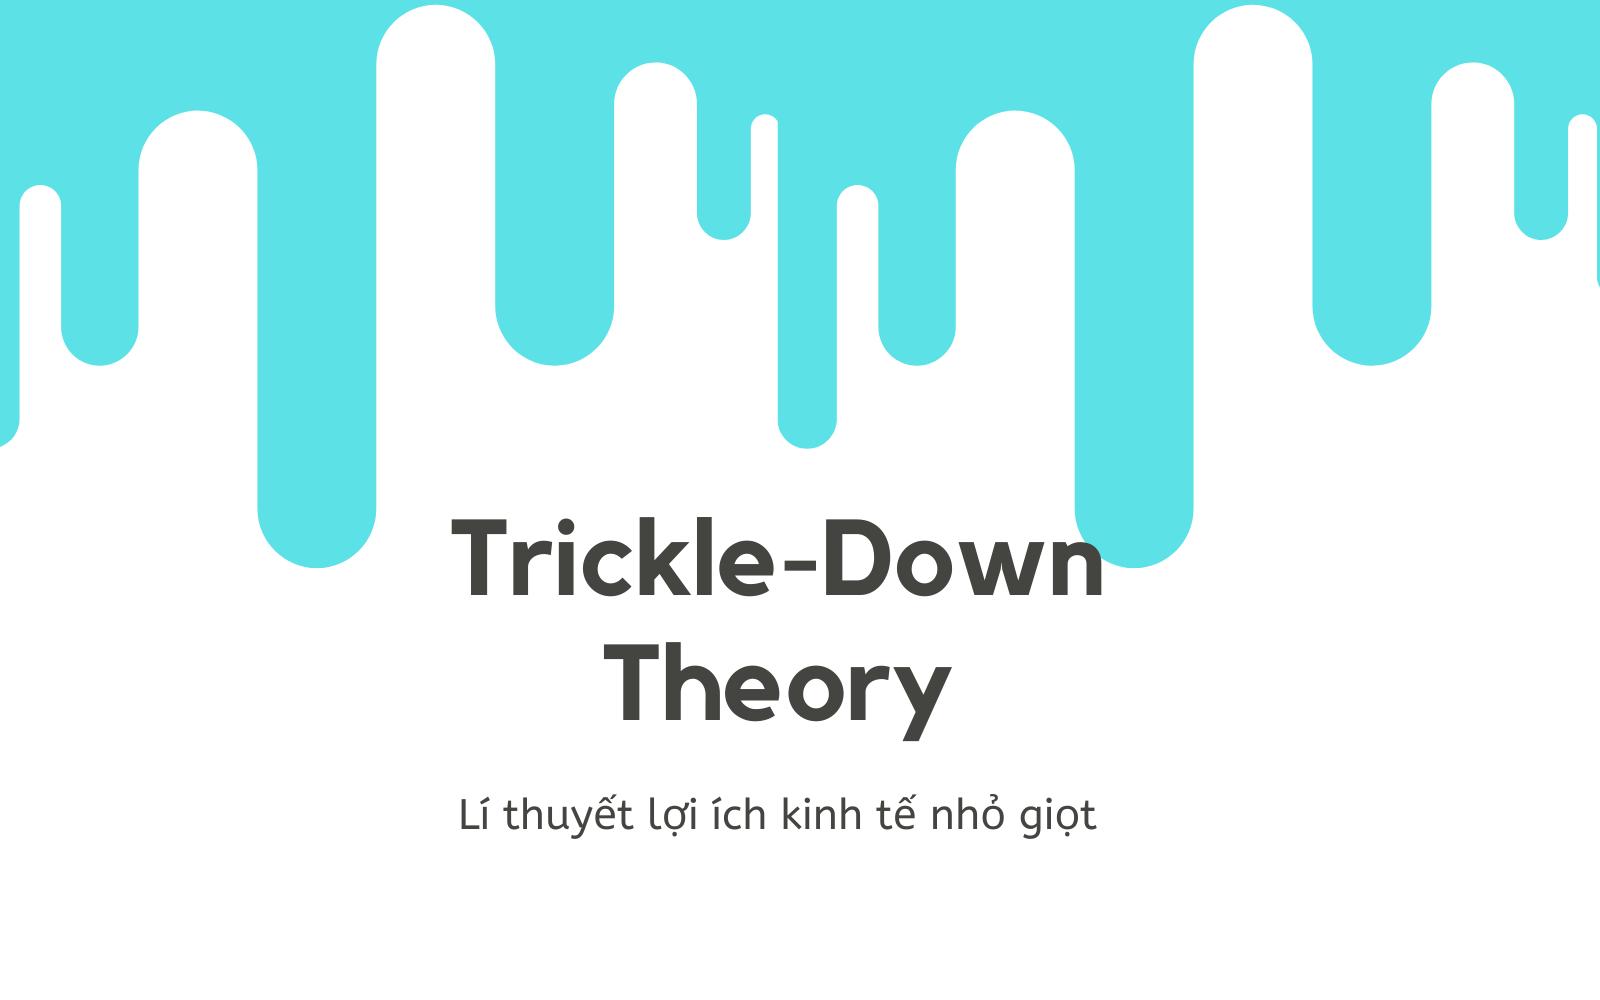 Lí thuyết lợi ích kinh tế nhỏ giọt (Trickle-Down Theory) là gì? - Ảnh 1.